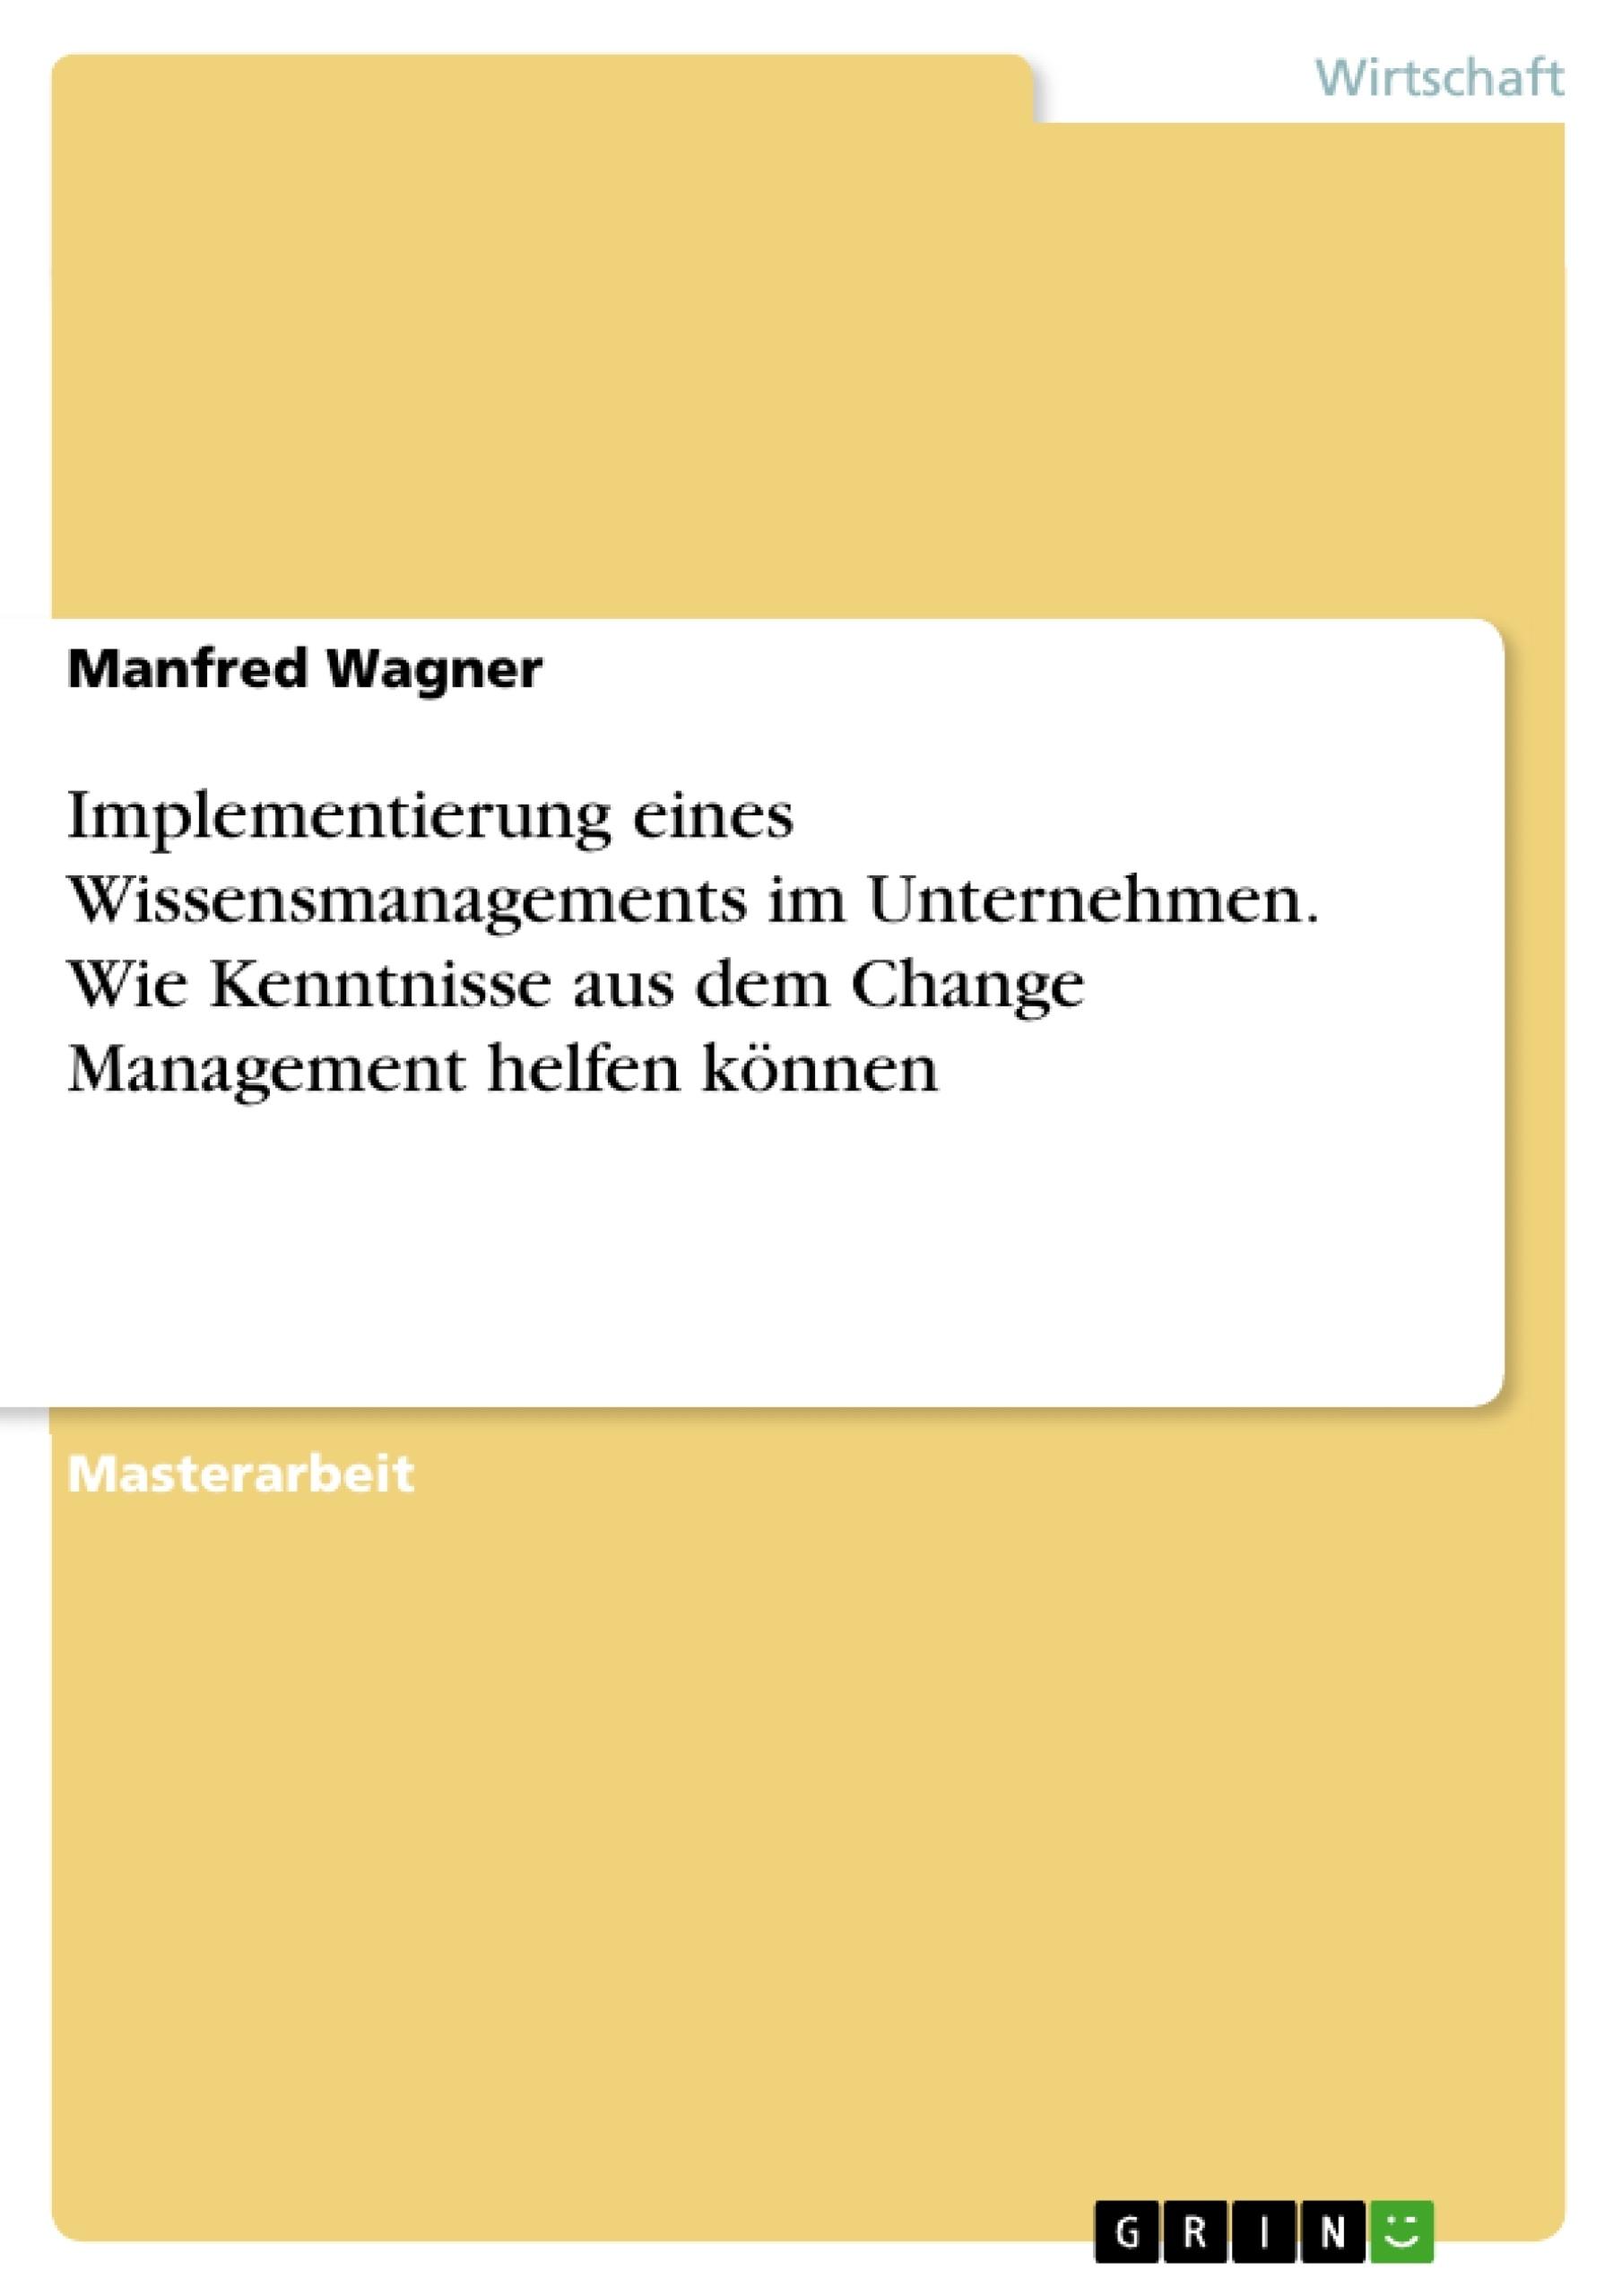 Titel: Implementierung eines Wissensmanagements im Unternehmen. Wie Kenntnisse aus dem Change Management helfen können